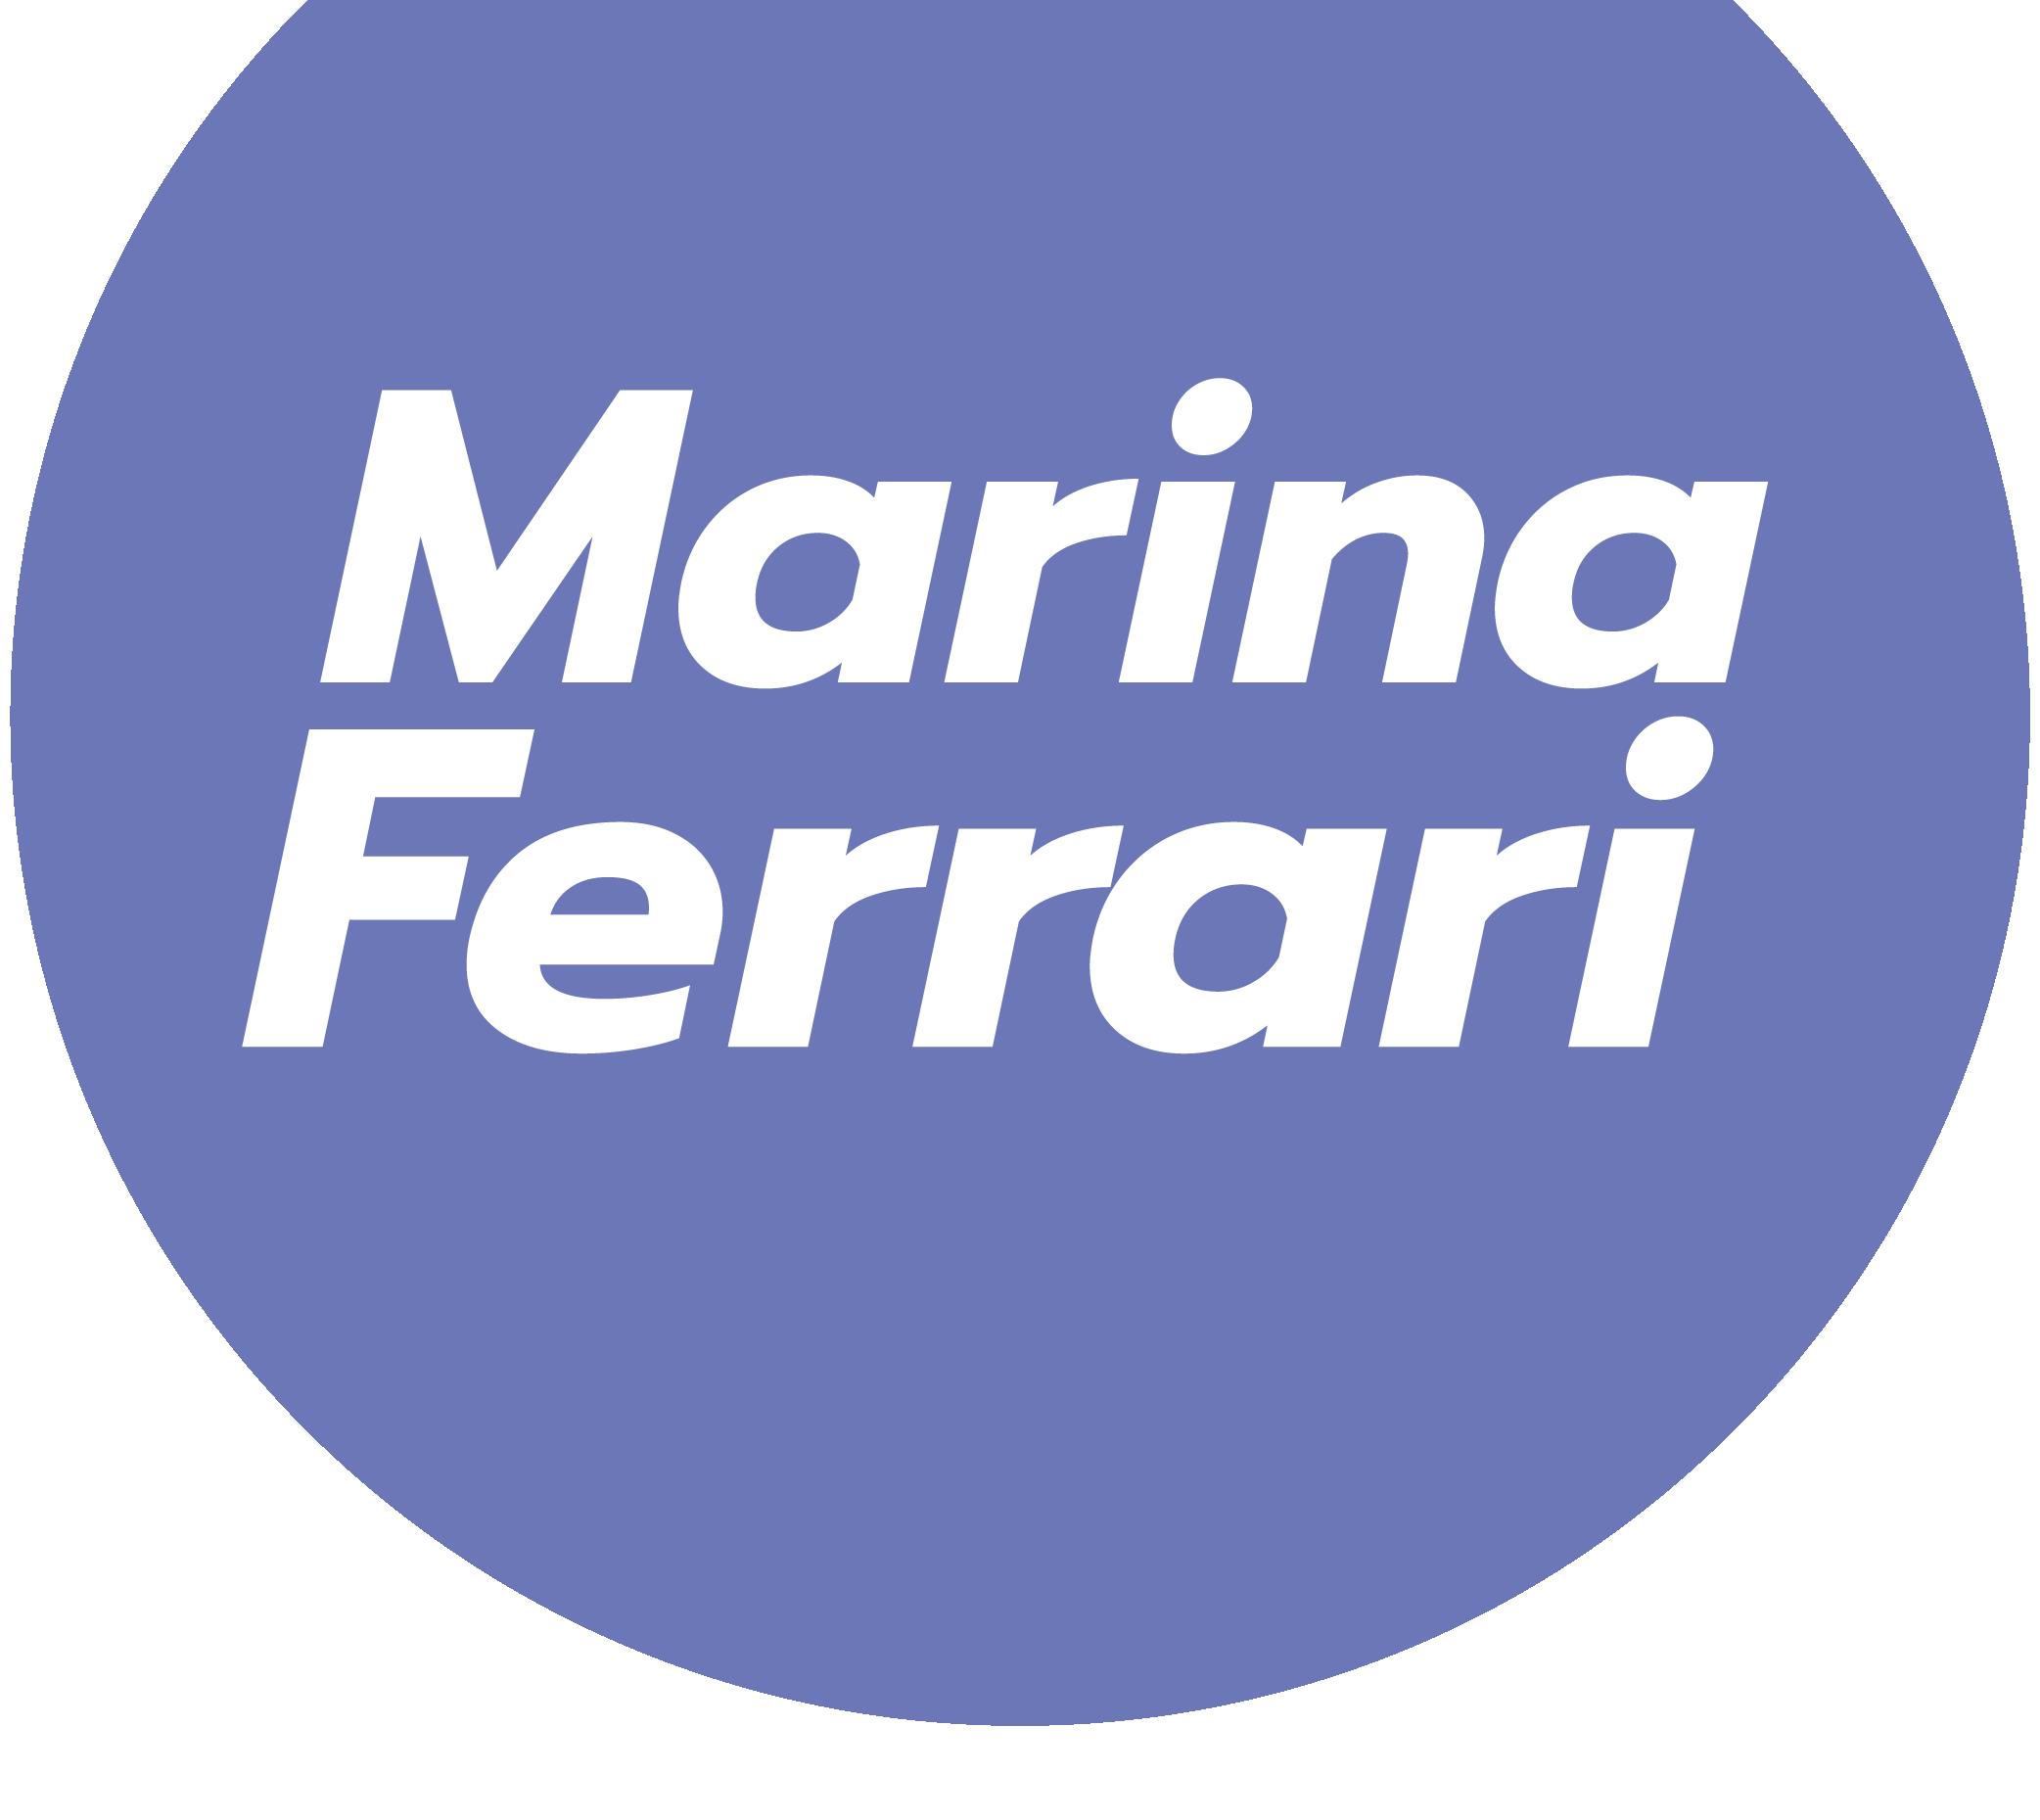 Marina Ferrari 2020